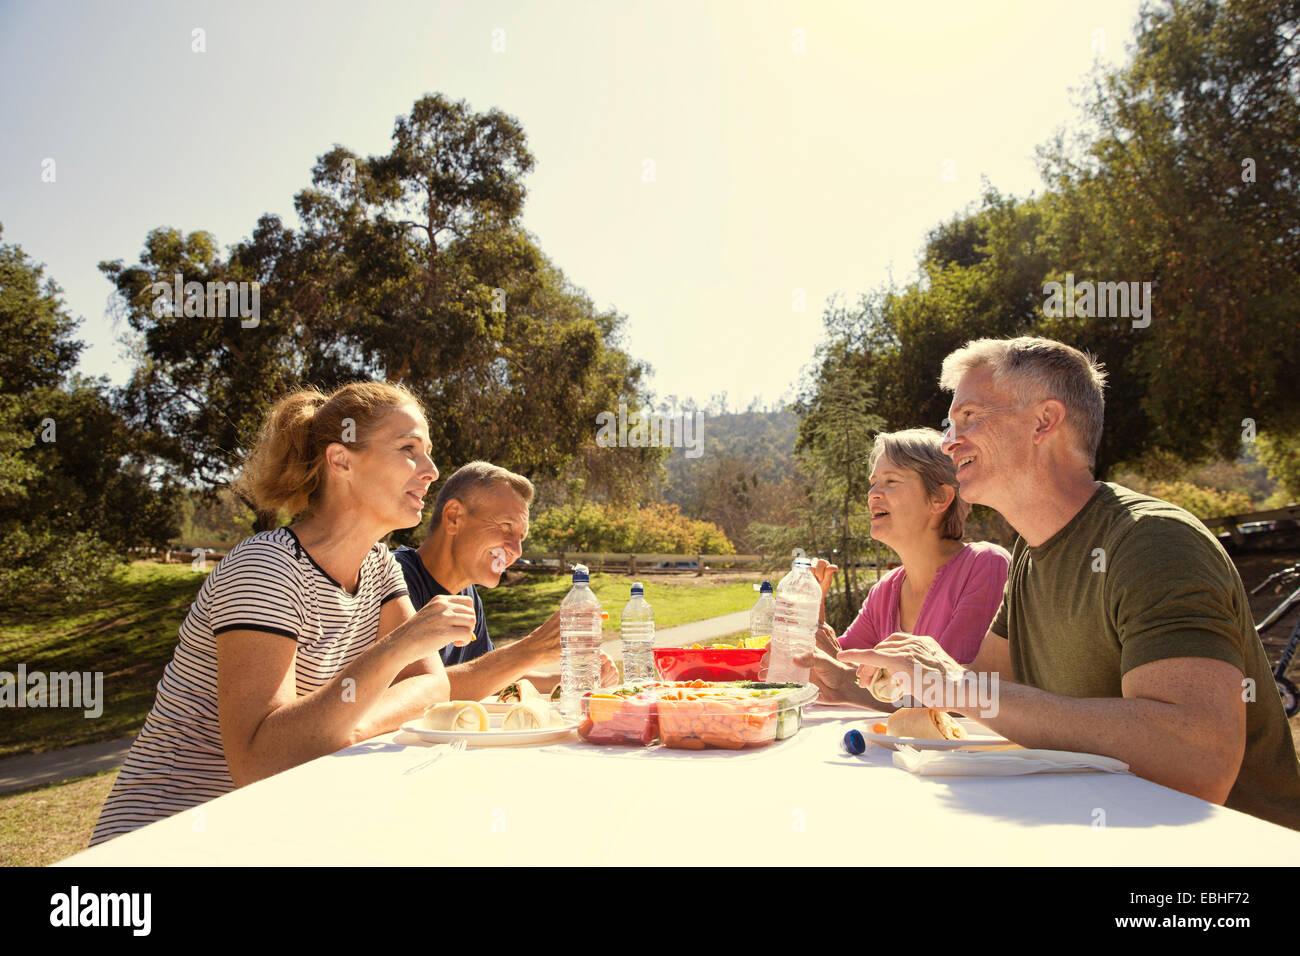 Quattro coppia amici adulti aventi un pranzo picnic nel parco Immagini Stock